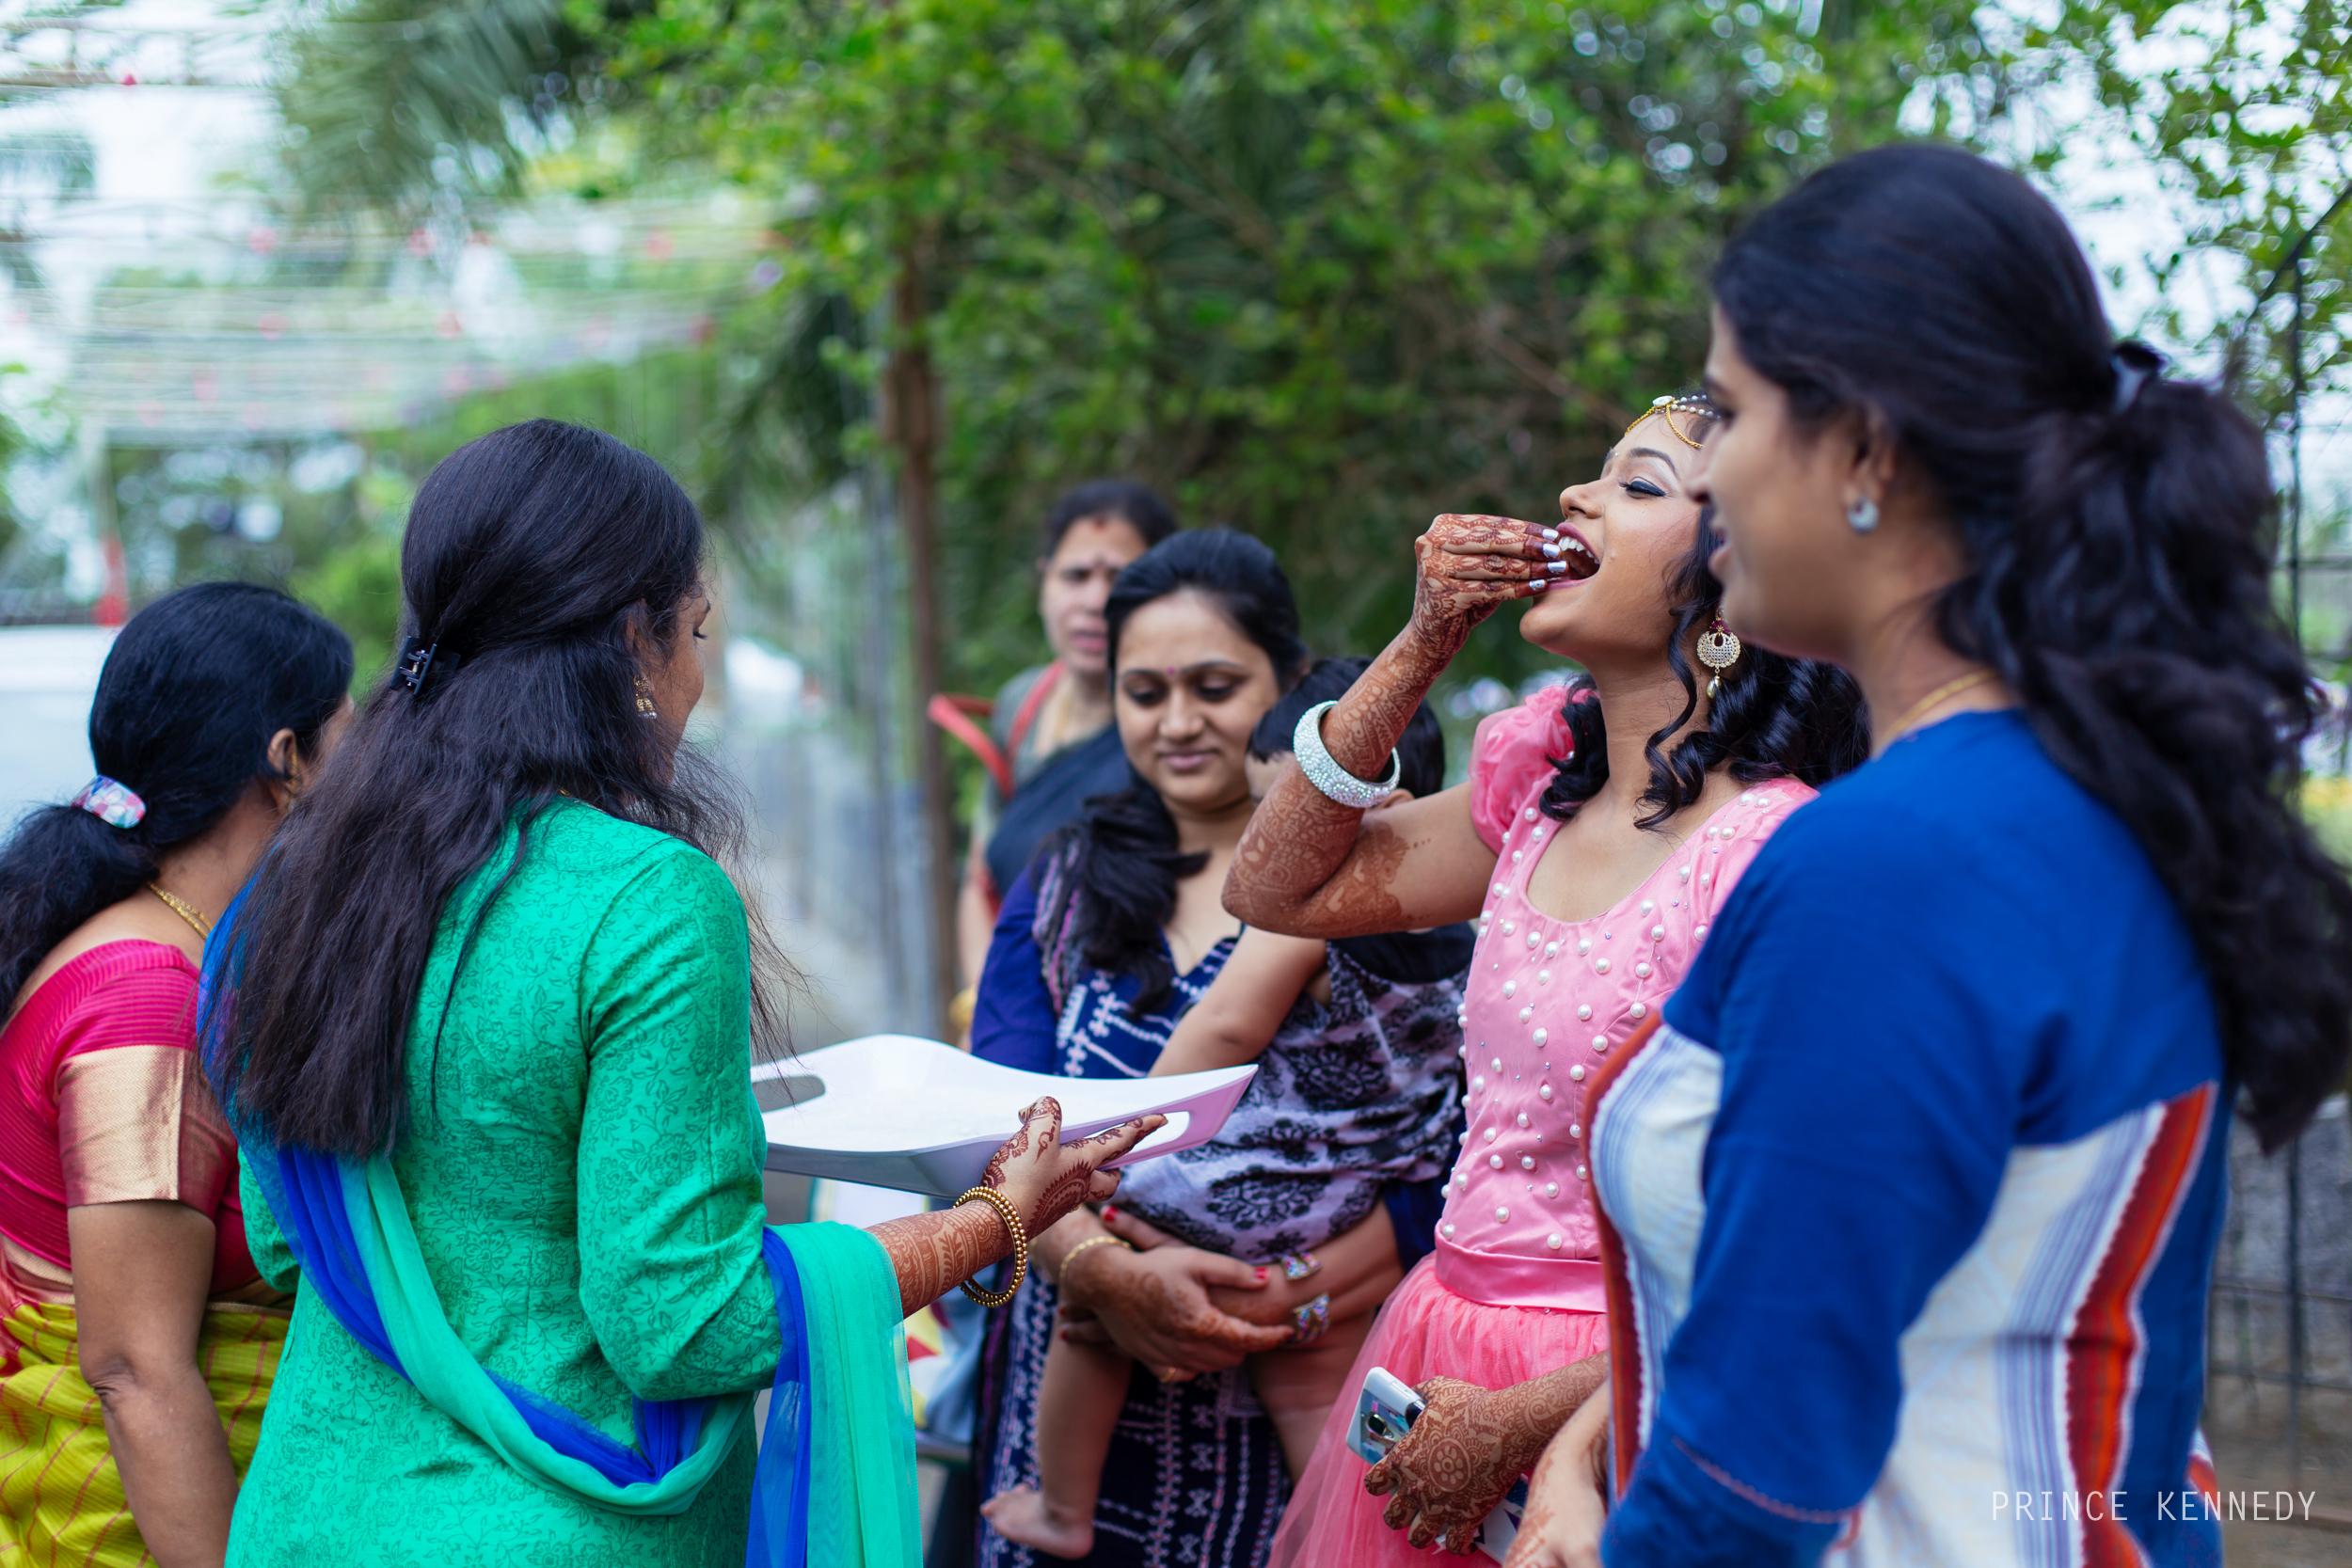 Engagement-Couple-Portrait-Portraiture-Wedding-Couple-Portrait-Chennai-Photographer-Candid-Photography-Destination-Best-Prince-Kennedy-Photography-24.jpg